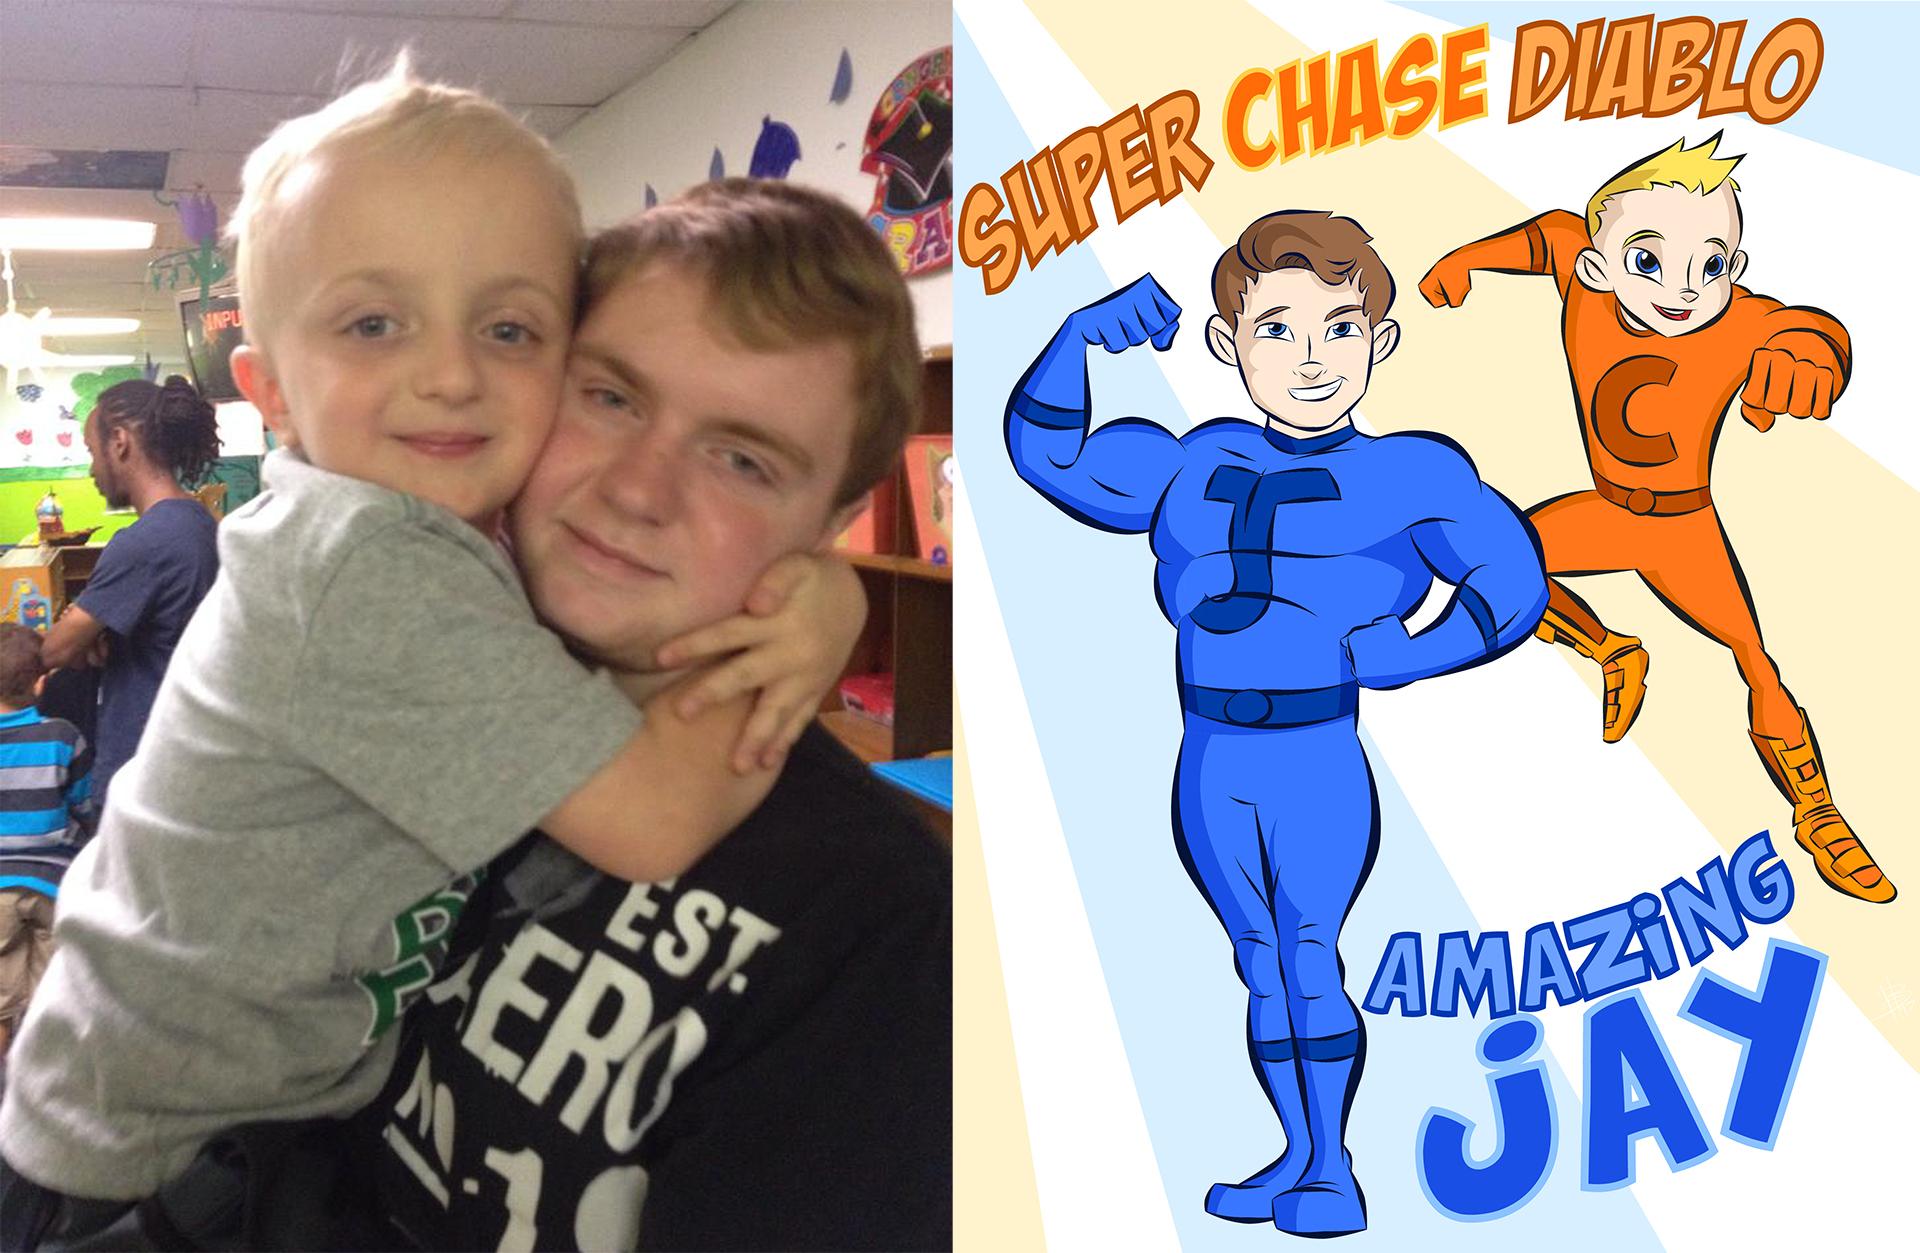 Jason & Chase (Amazing Jay & Super Chase Diablo)